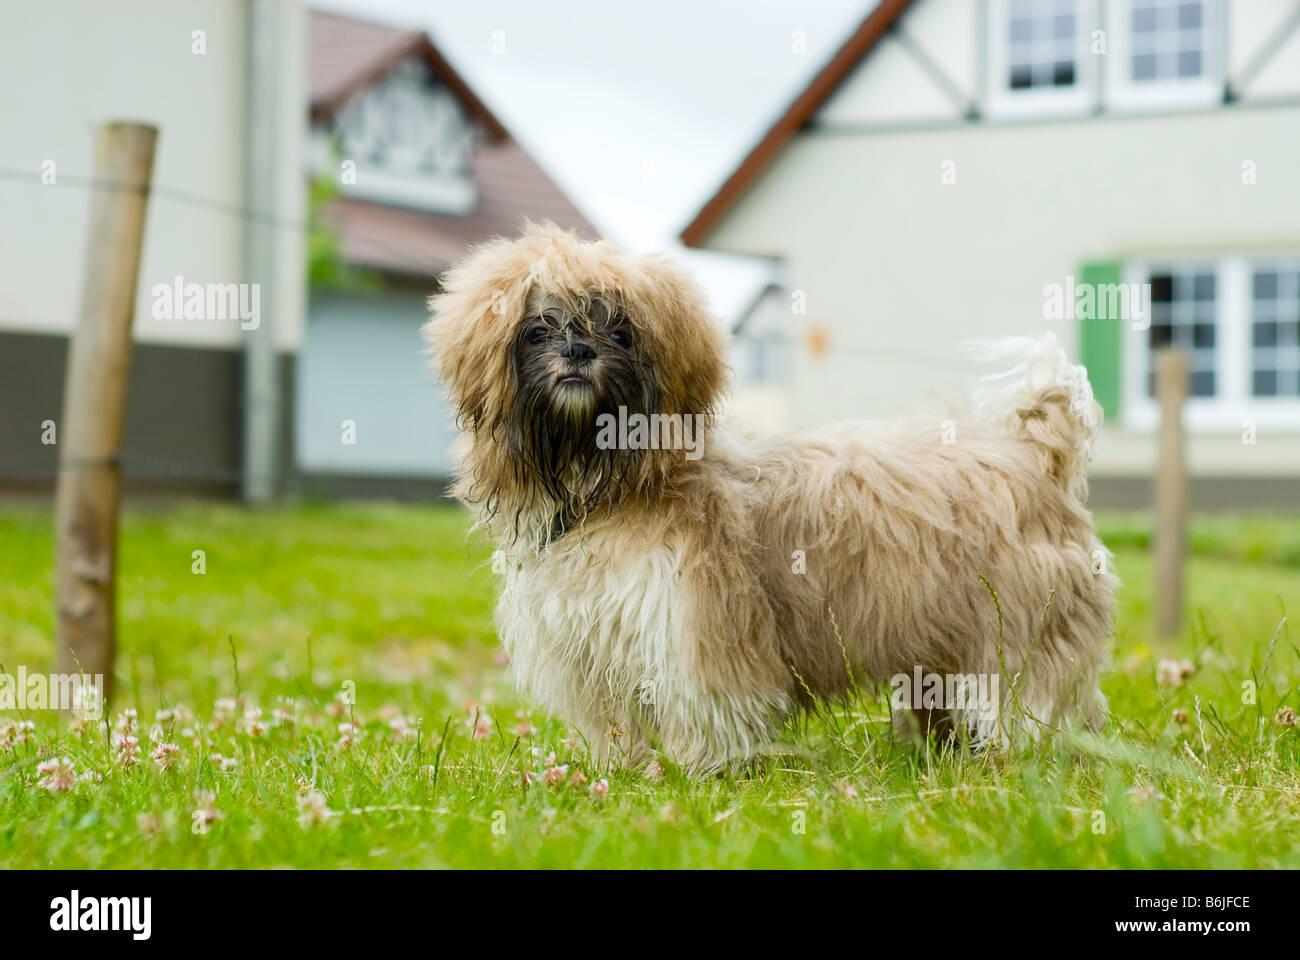 cute shih tzu dog looking at the camera - Stock Image